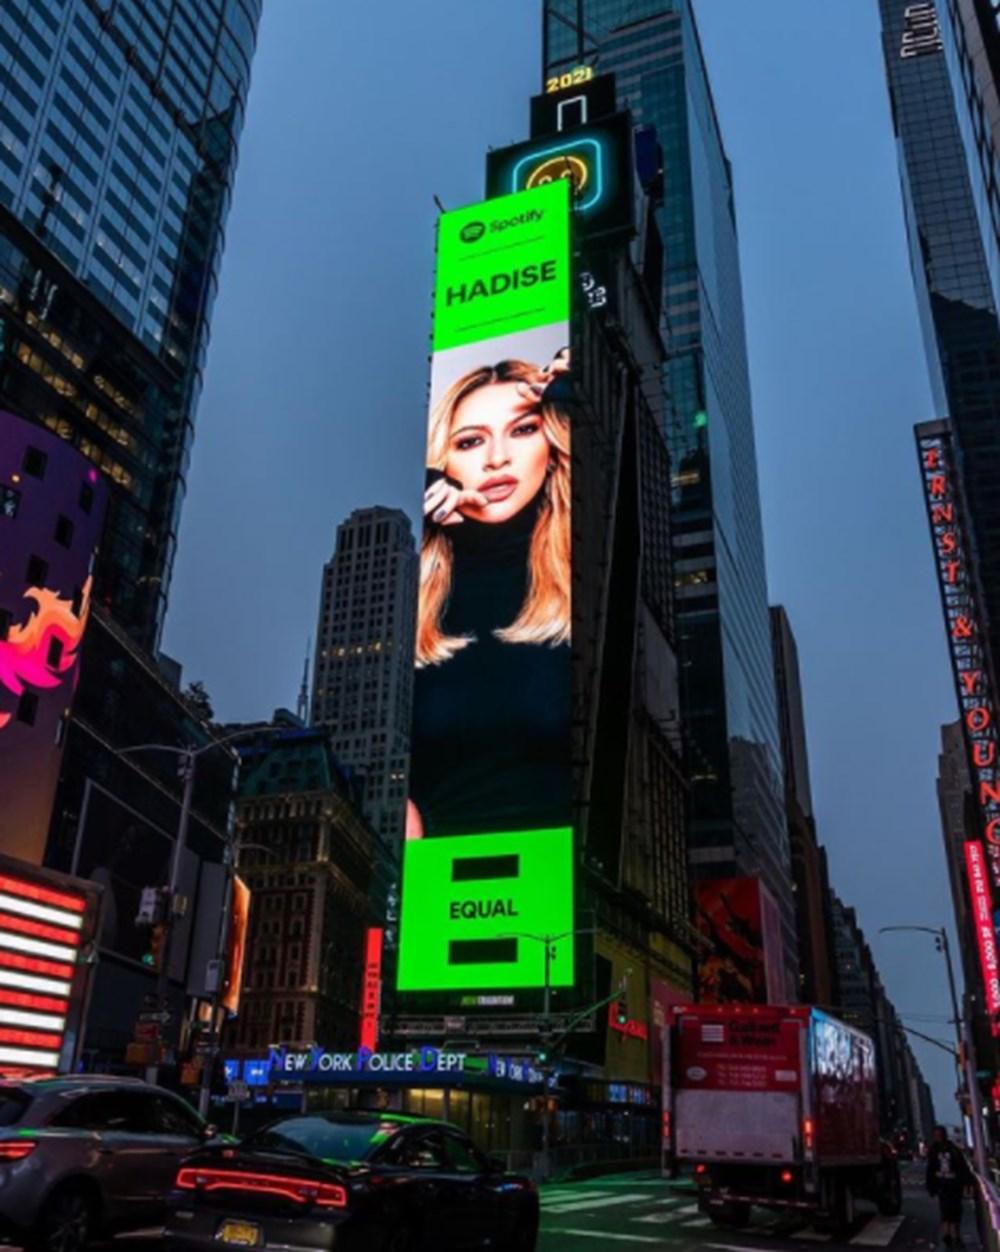 Hadise New York'taki Times Meydanı'nda: Kadınların sesini daha çok duyacaksınız - 3